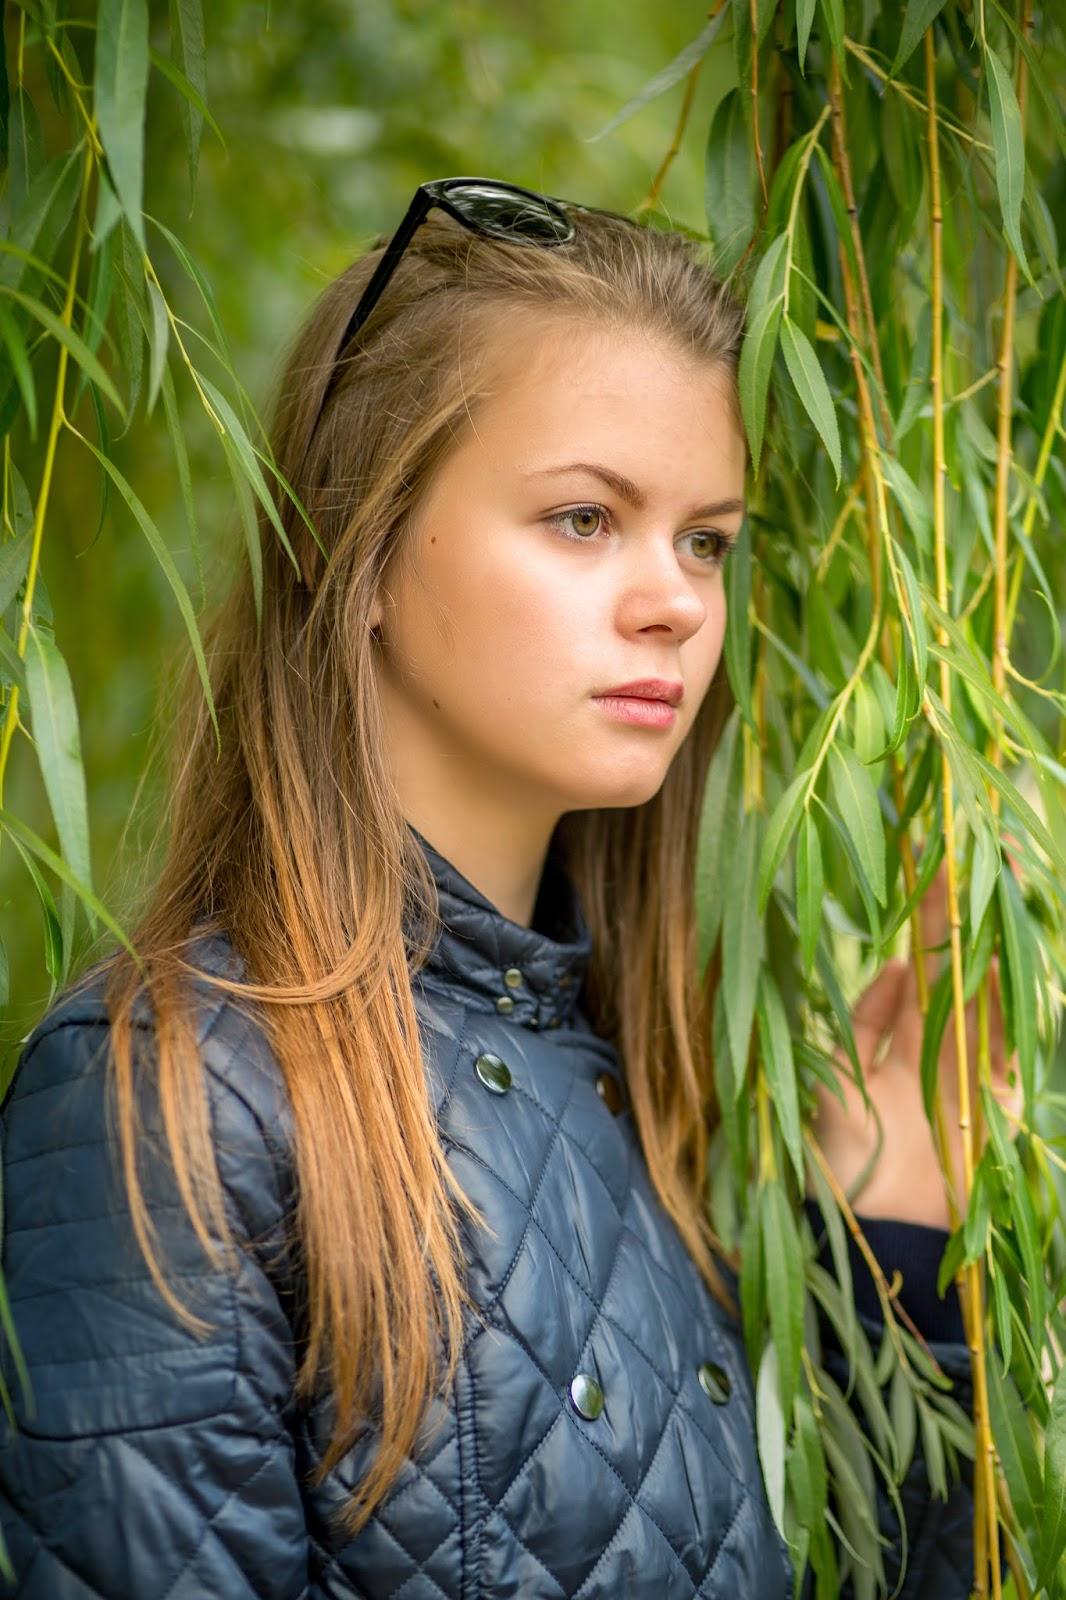 девушка в парке, индивидуальная фотосессия, осень, ива